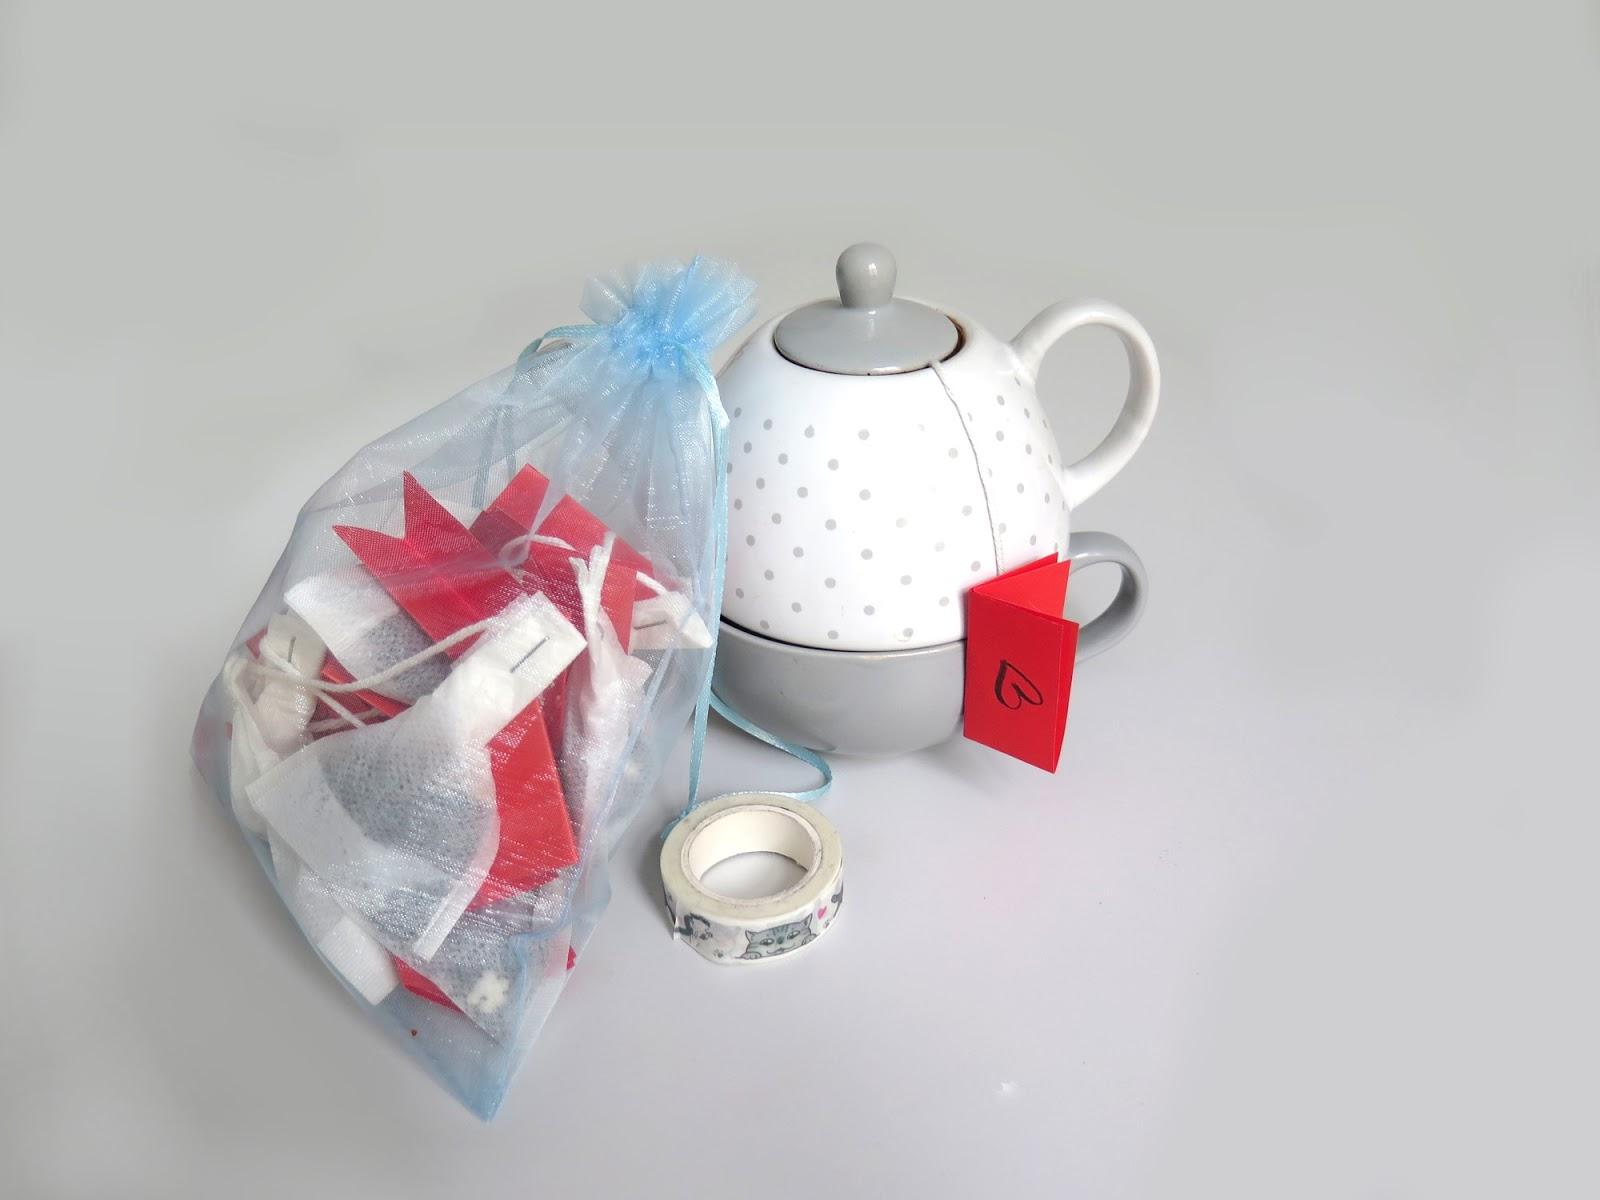 Pomysł na prezent na Walentynki - herbata z miłosnymi etykietkami